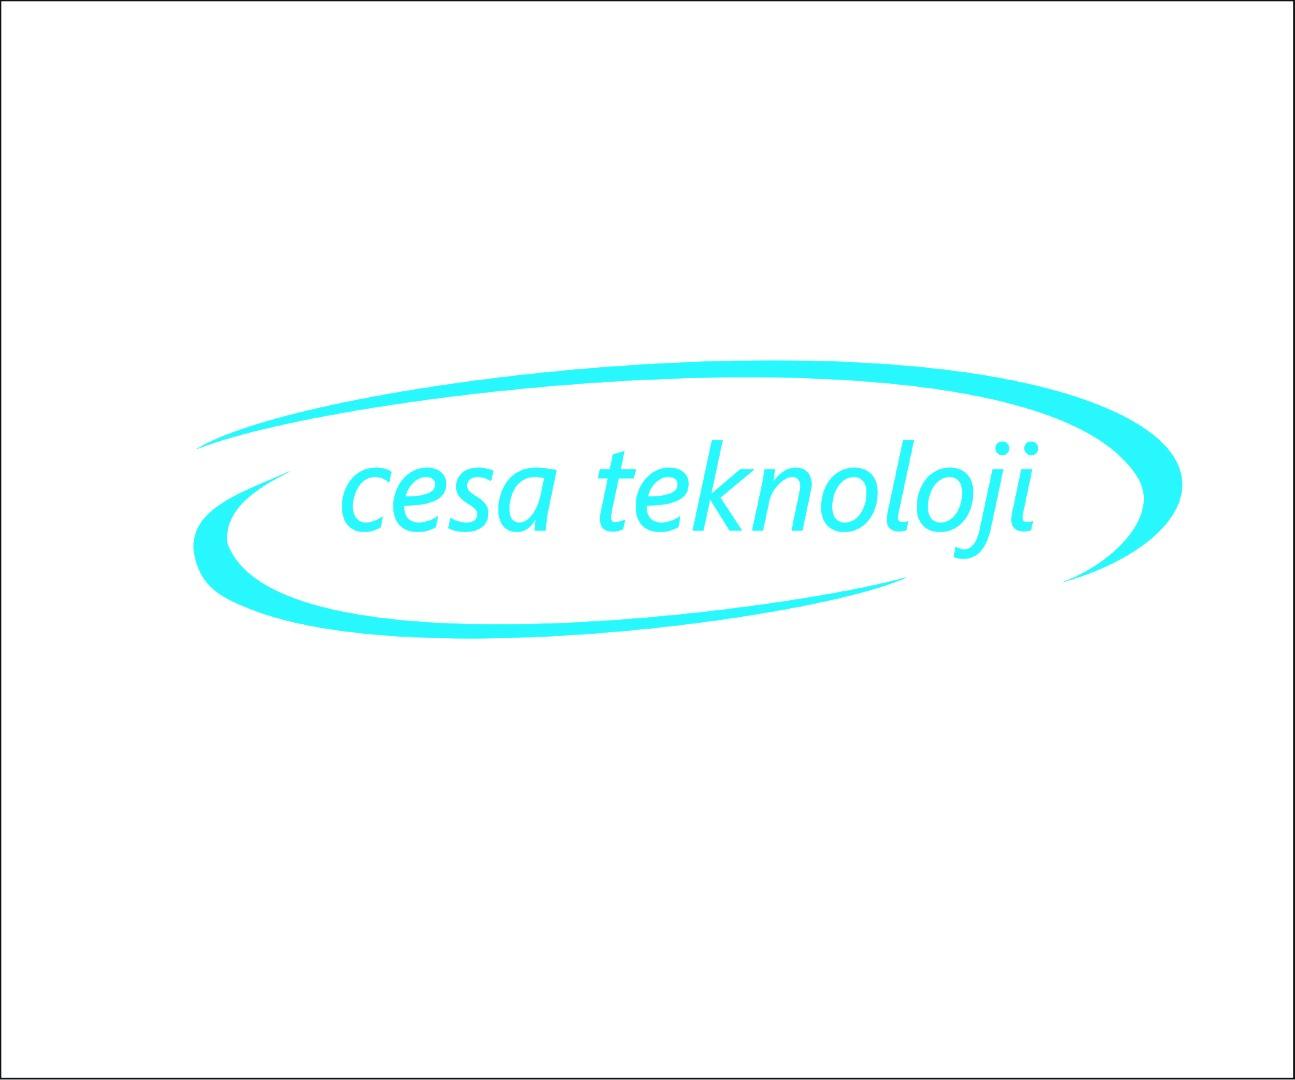 CESA Teknoloji Elektronik San. ve Tic. Ltd. Şti.